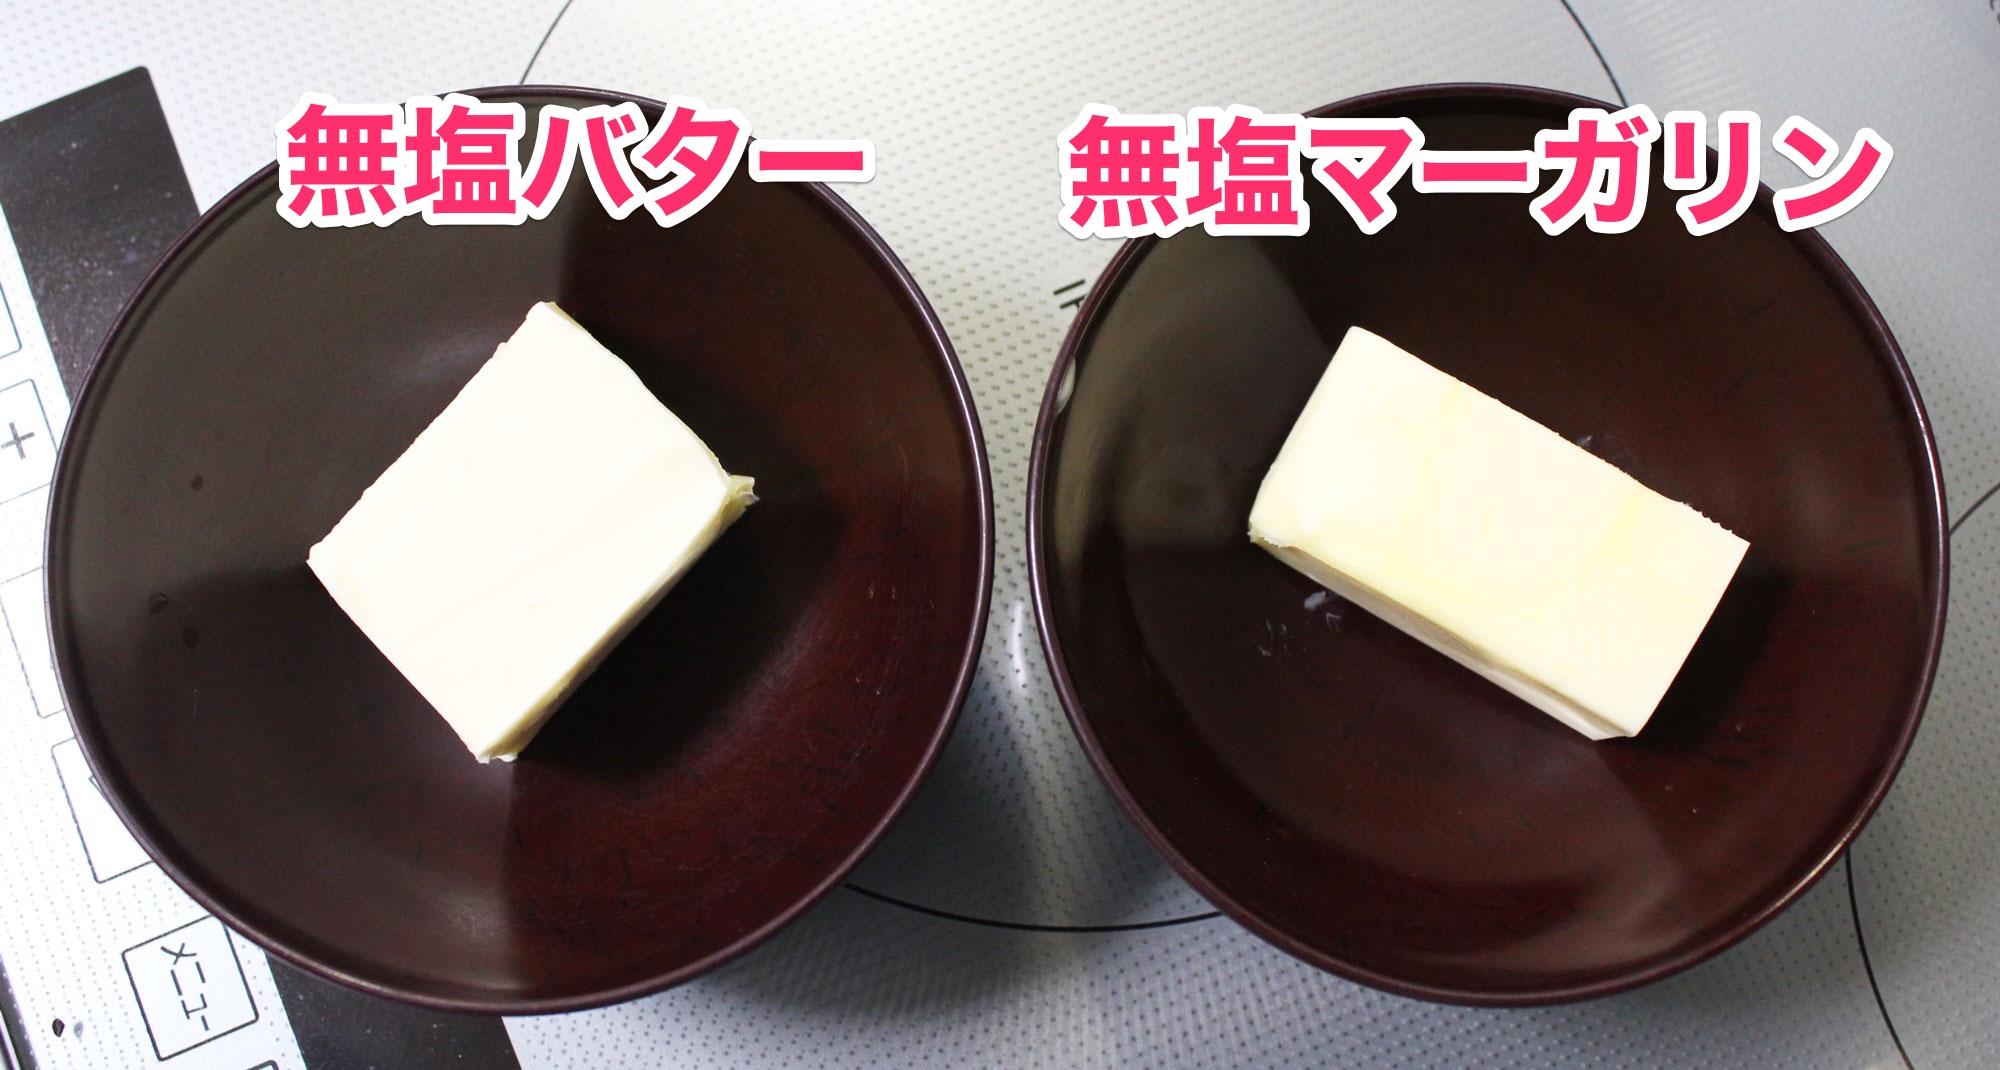 白っぽいのが無塩バター、黄色っぽいのが無塩マーガリン